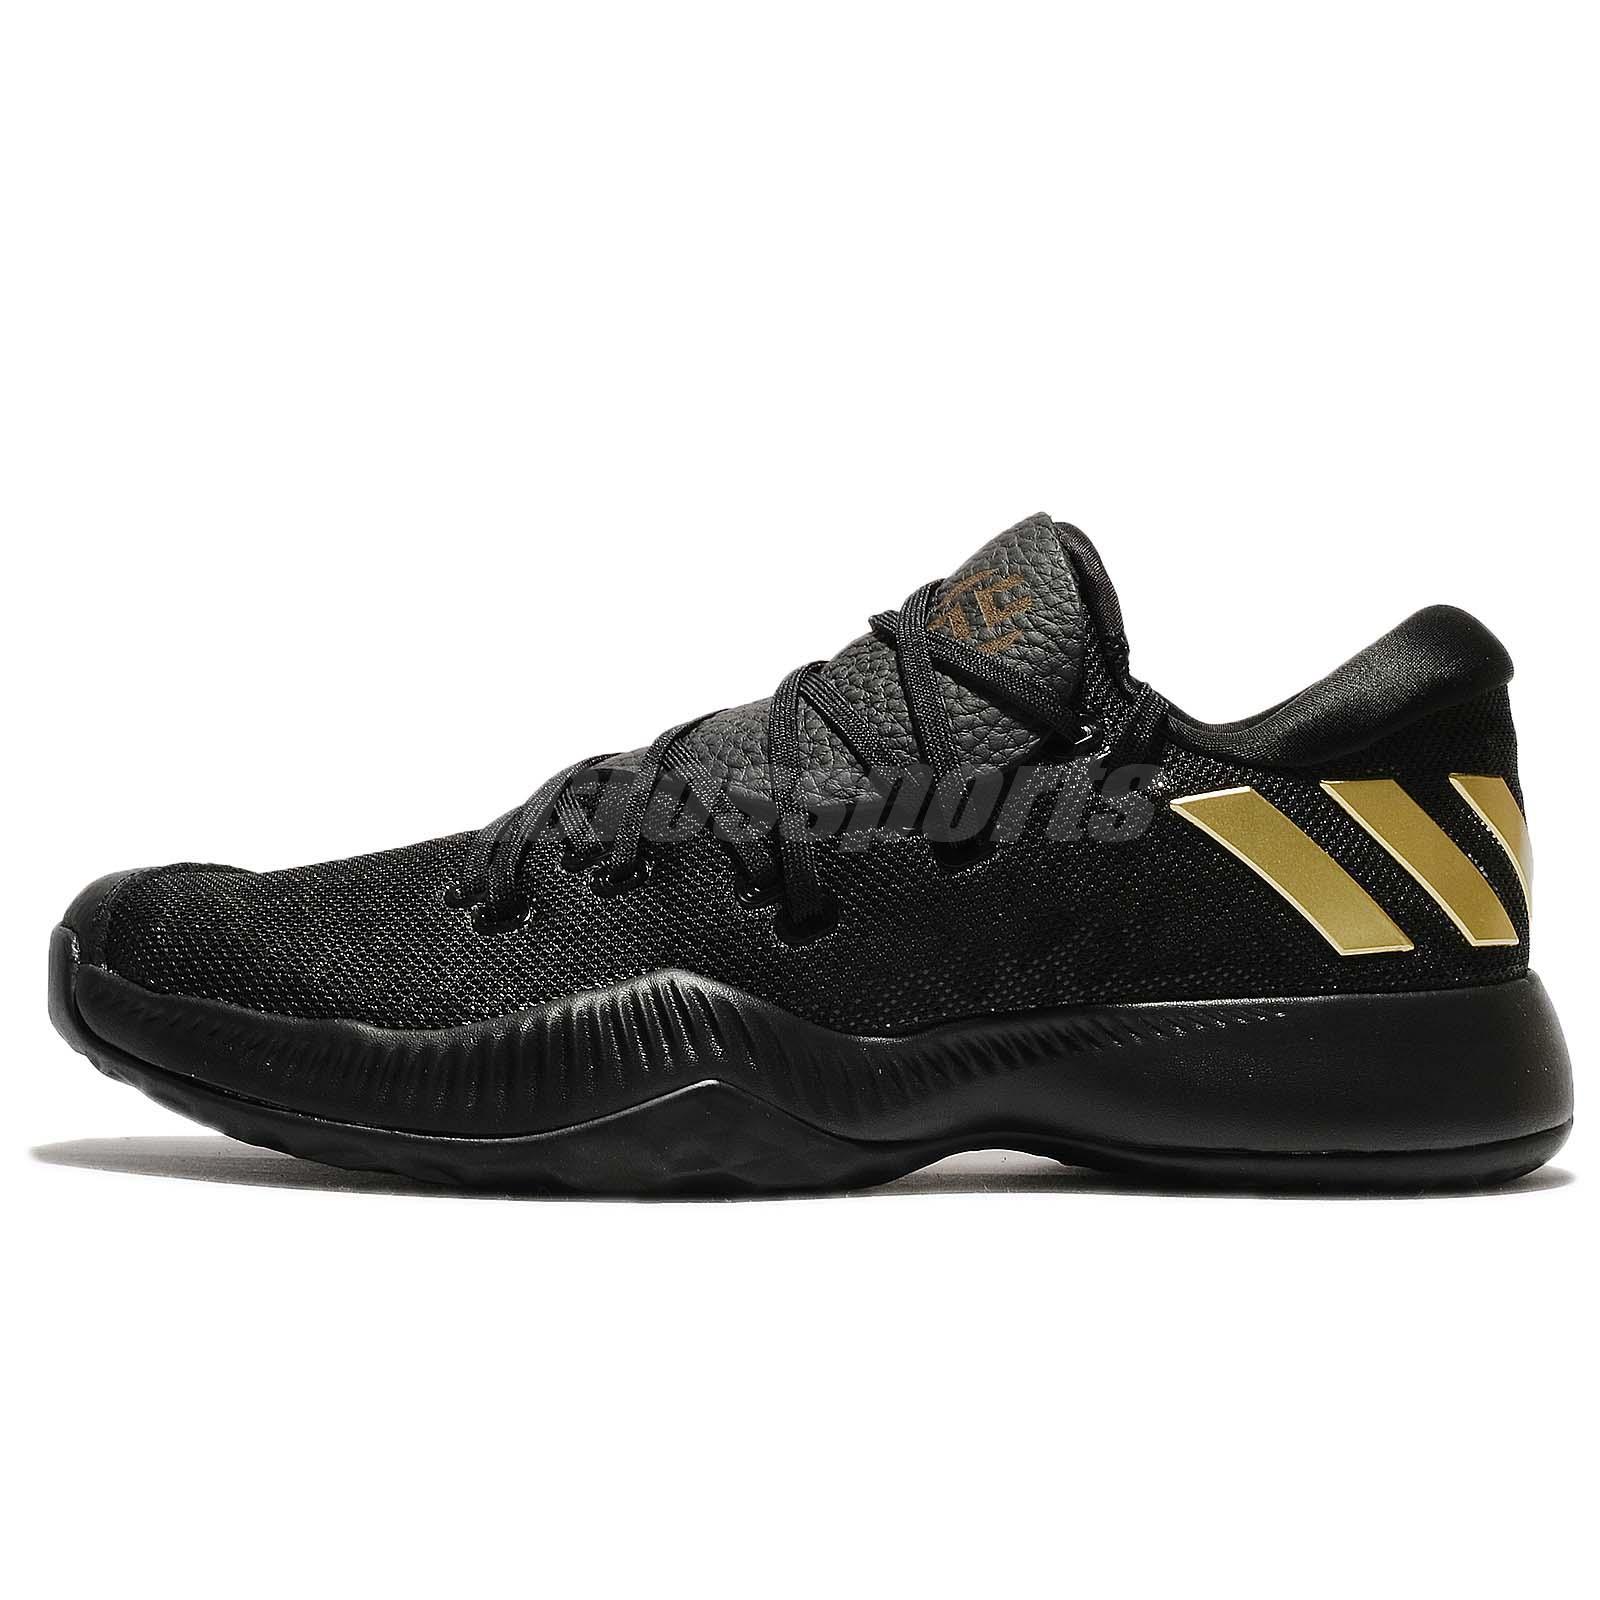 6da262388d304 adidas Harden B E James Bounce Black Gold Men Basketball Shoes Sneakers  AC7819